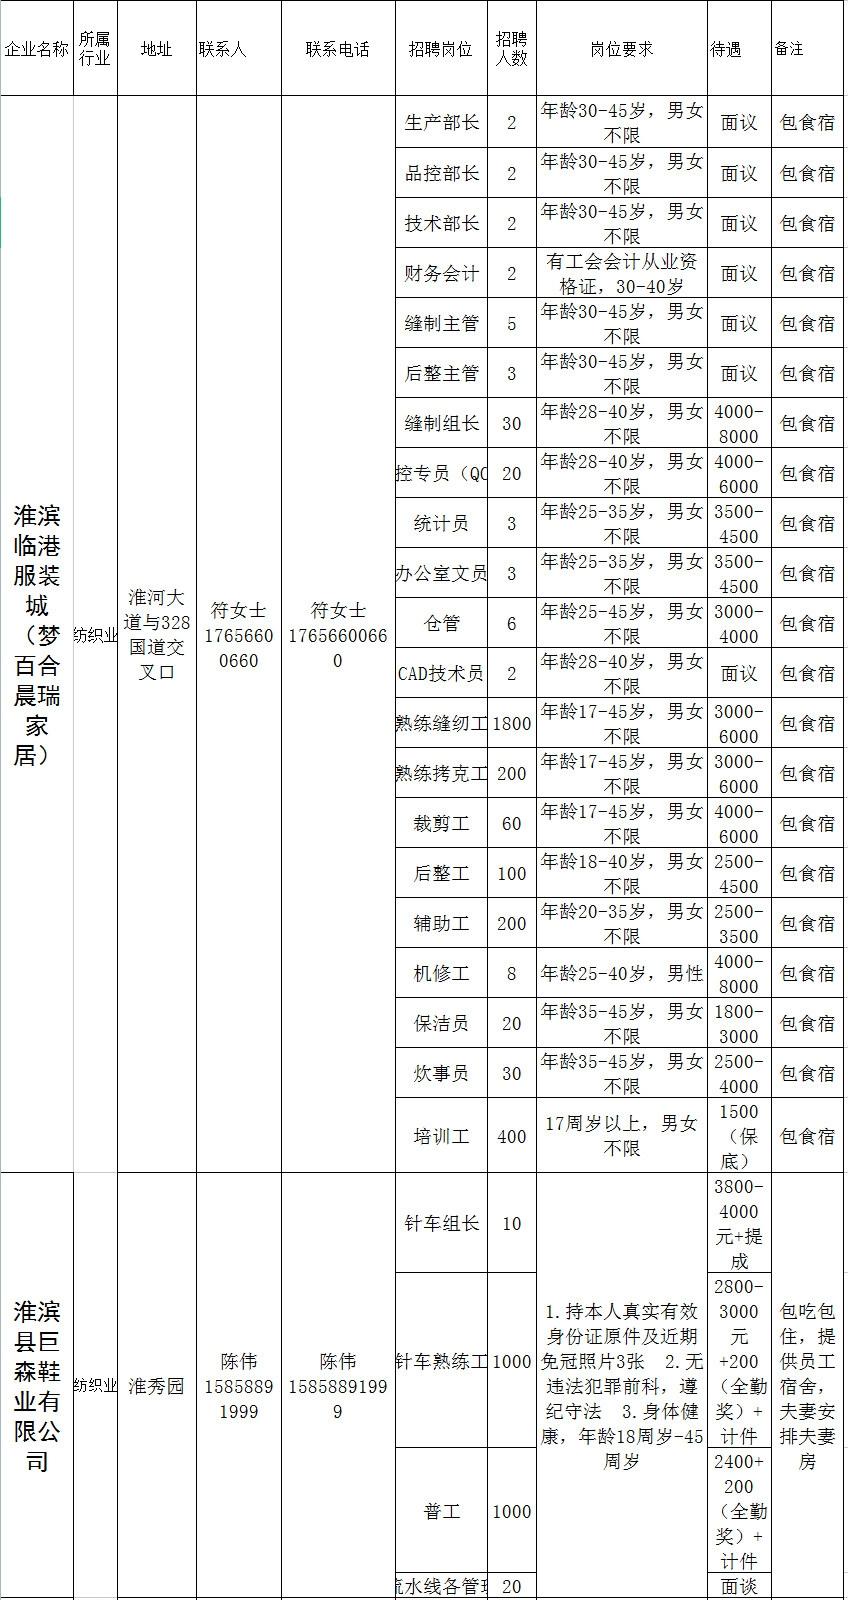 """淮滨县""""百日千万网络招聘活动""""招工信息"""